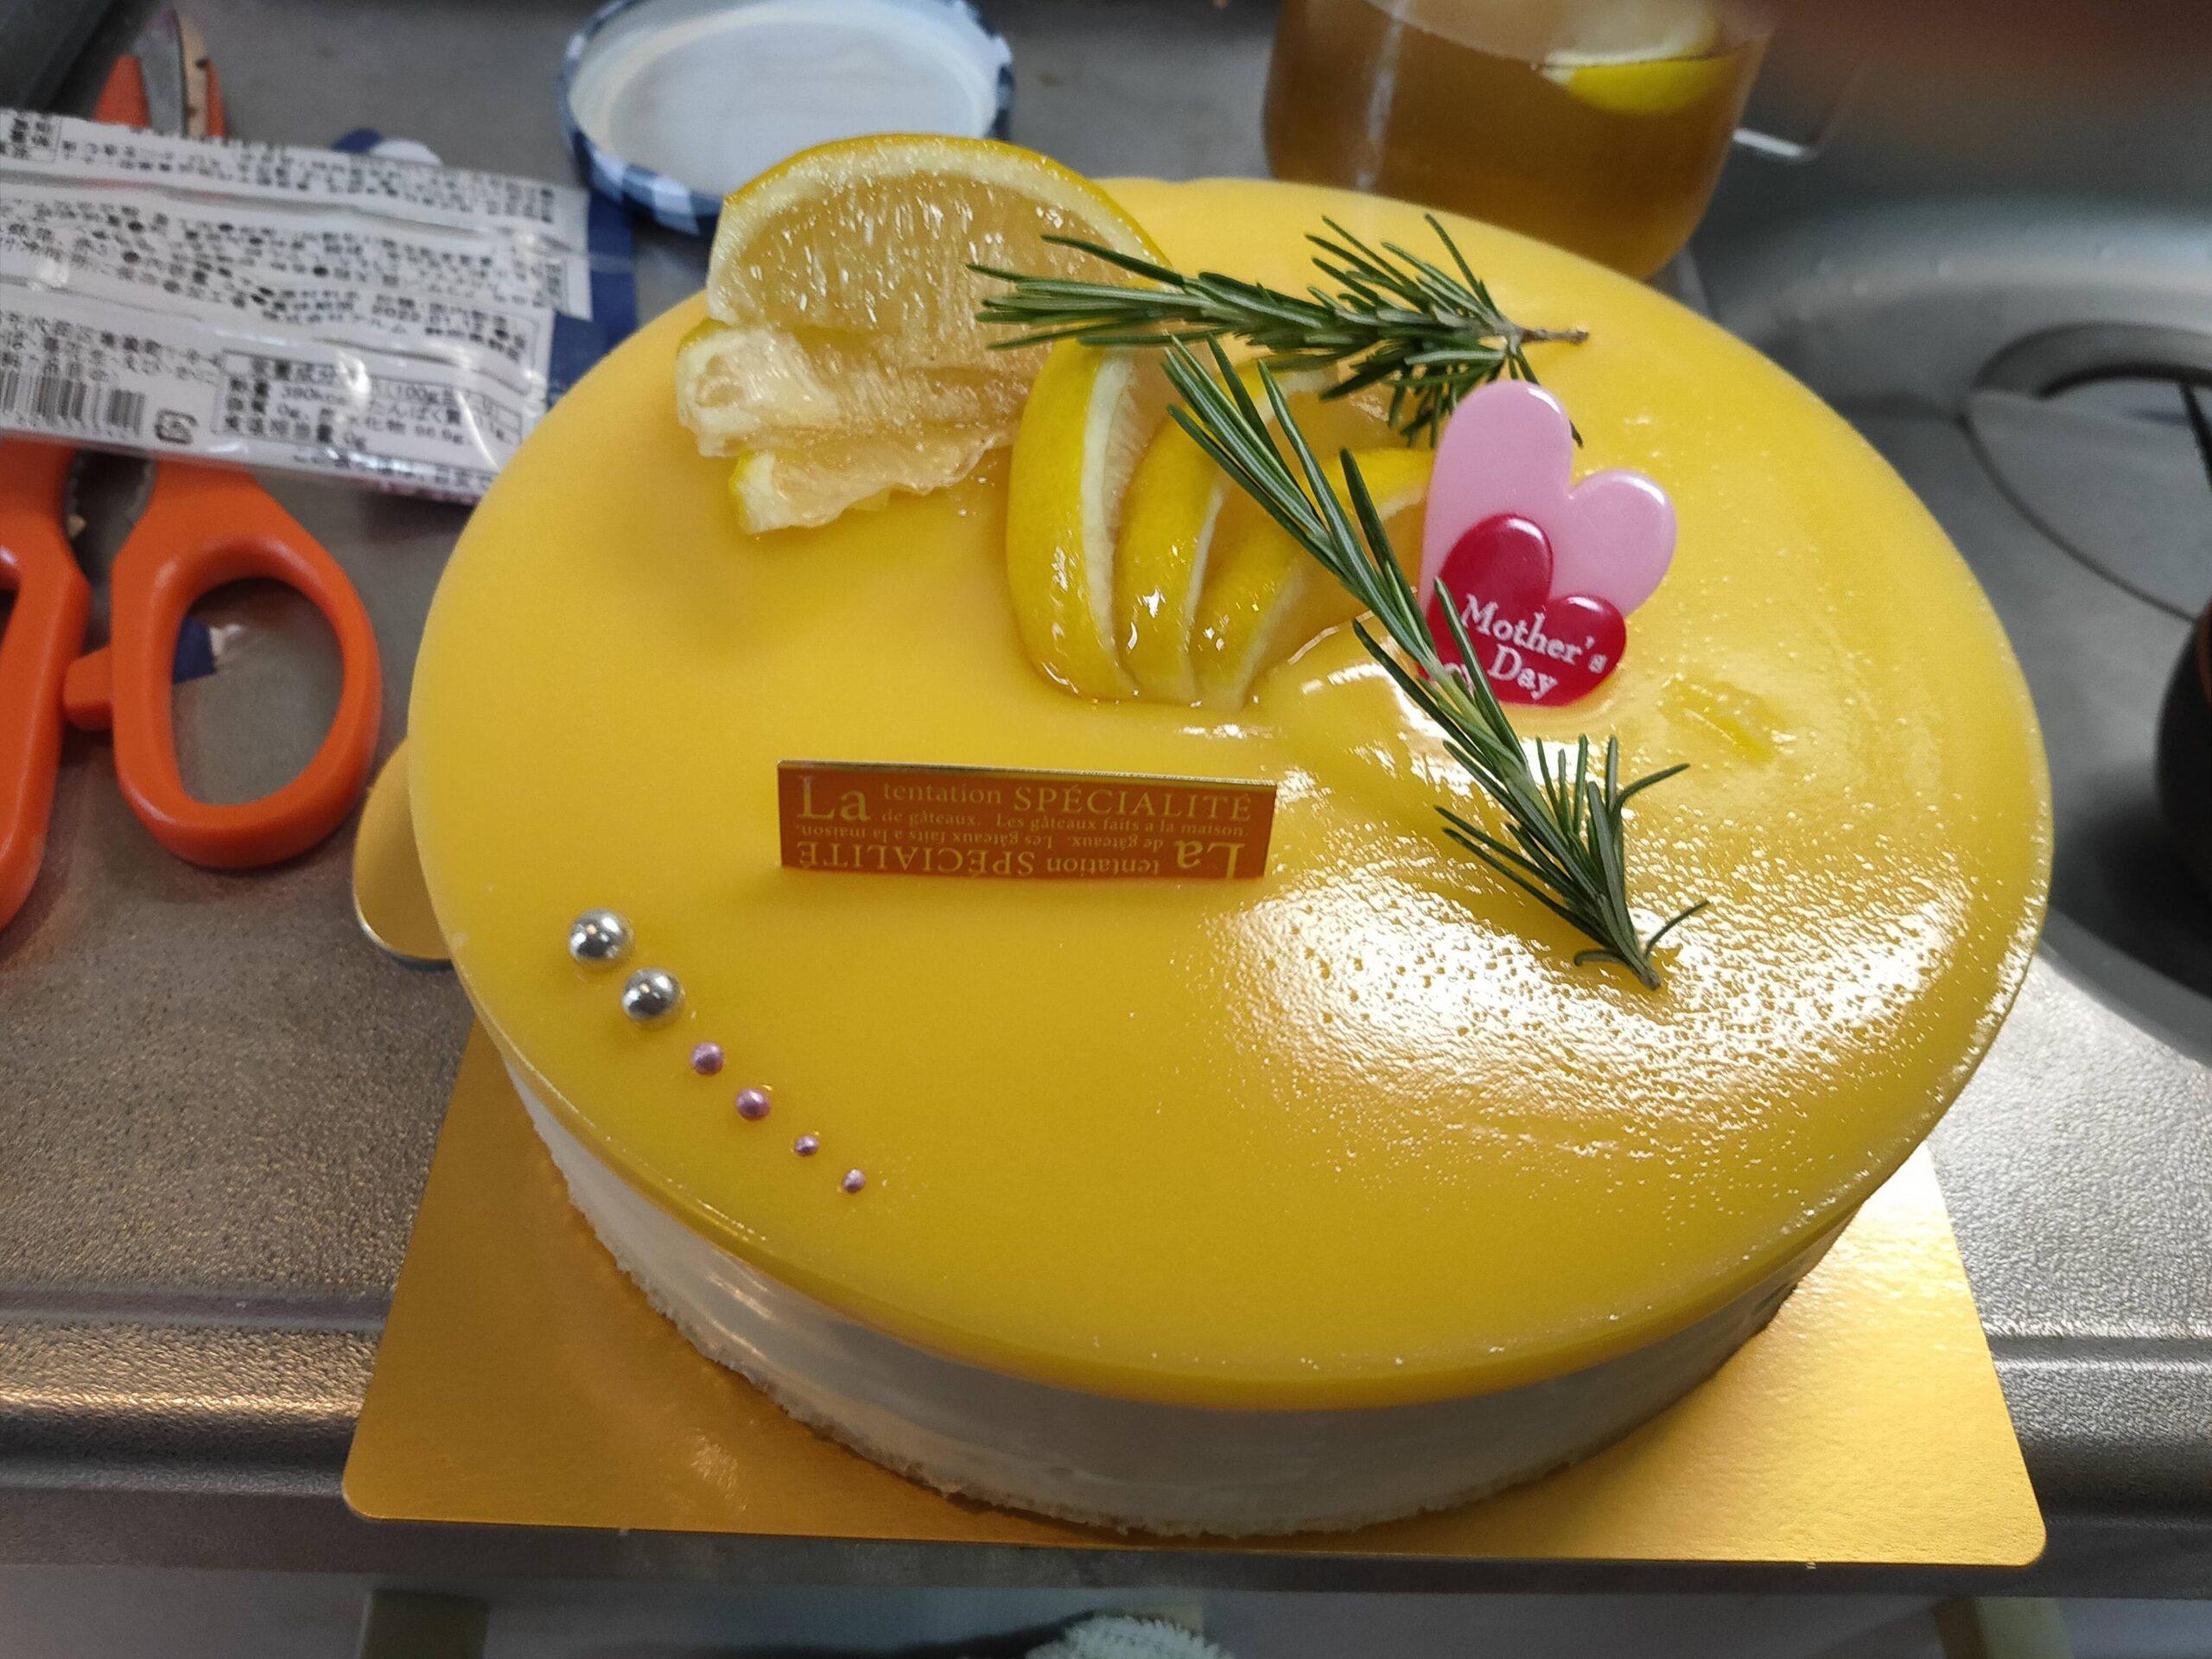 【画像】チーズケーキ作ったから評価してくれ!